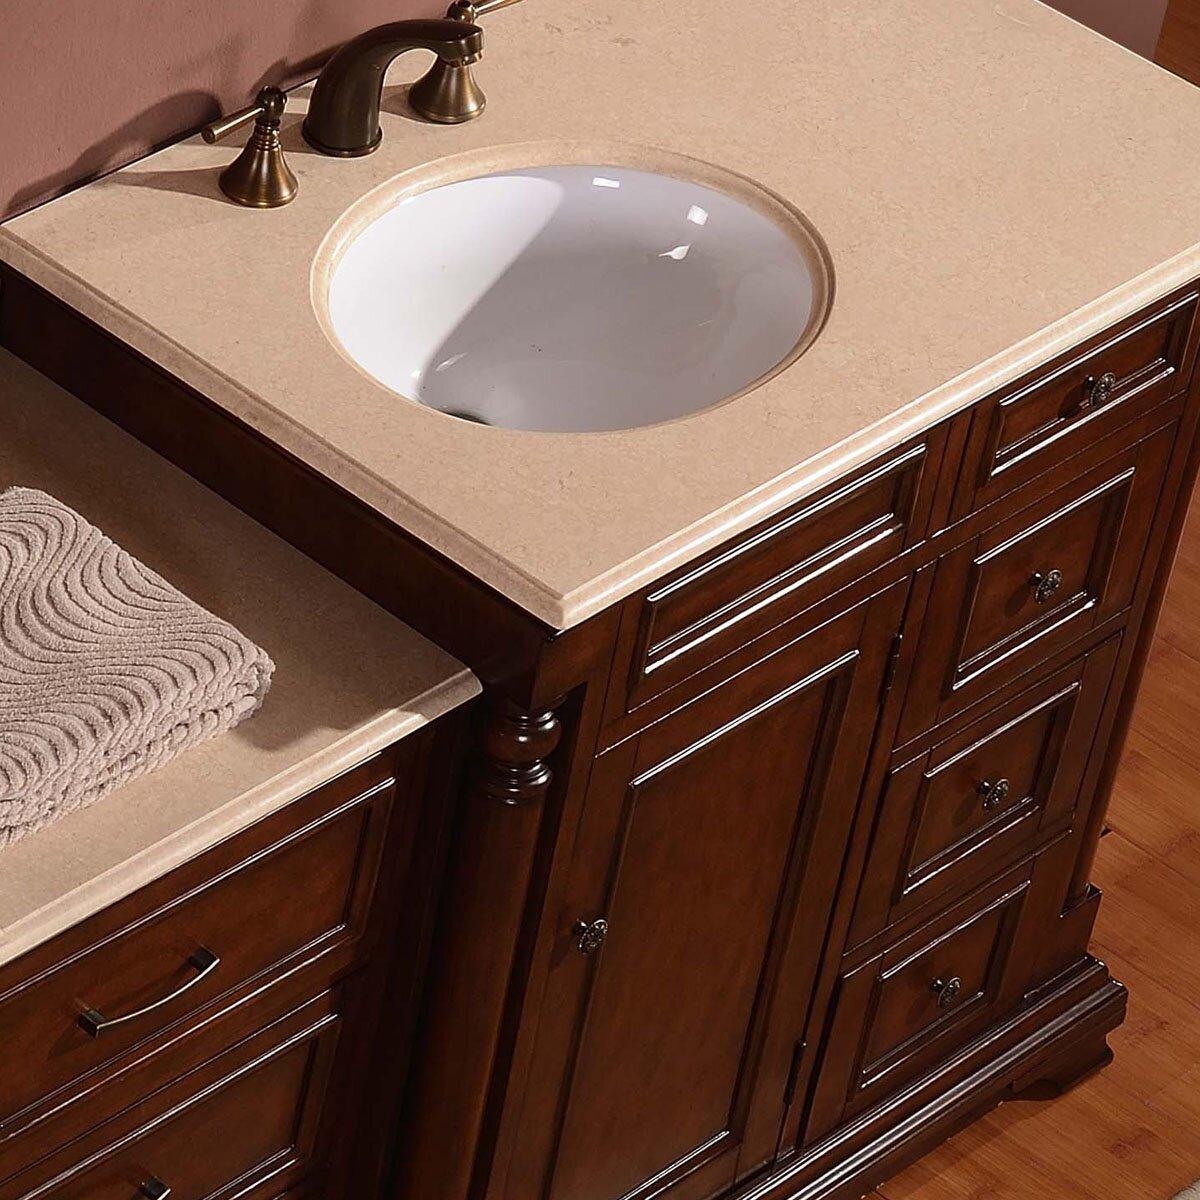 Silkroad exclusive 59 single sink cabinet bathroom vanity set reviews wayfair for Silkroad bathroom vanity reviews